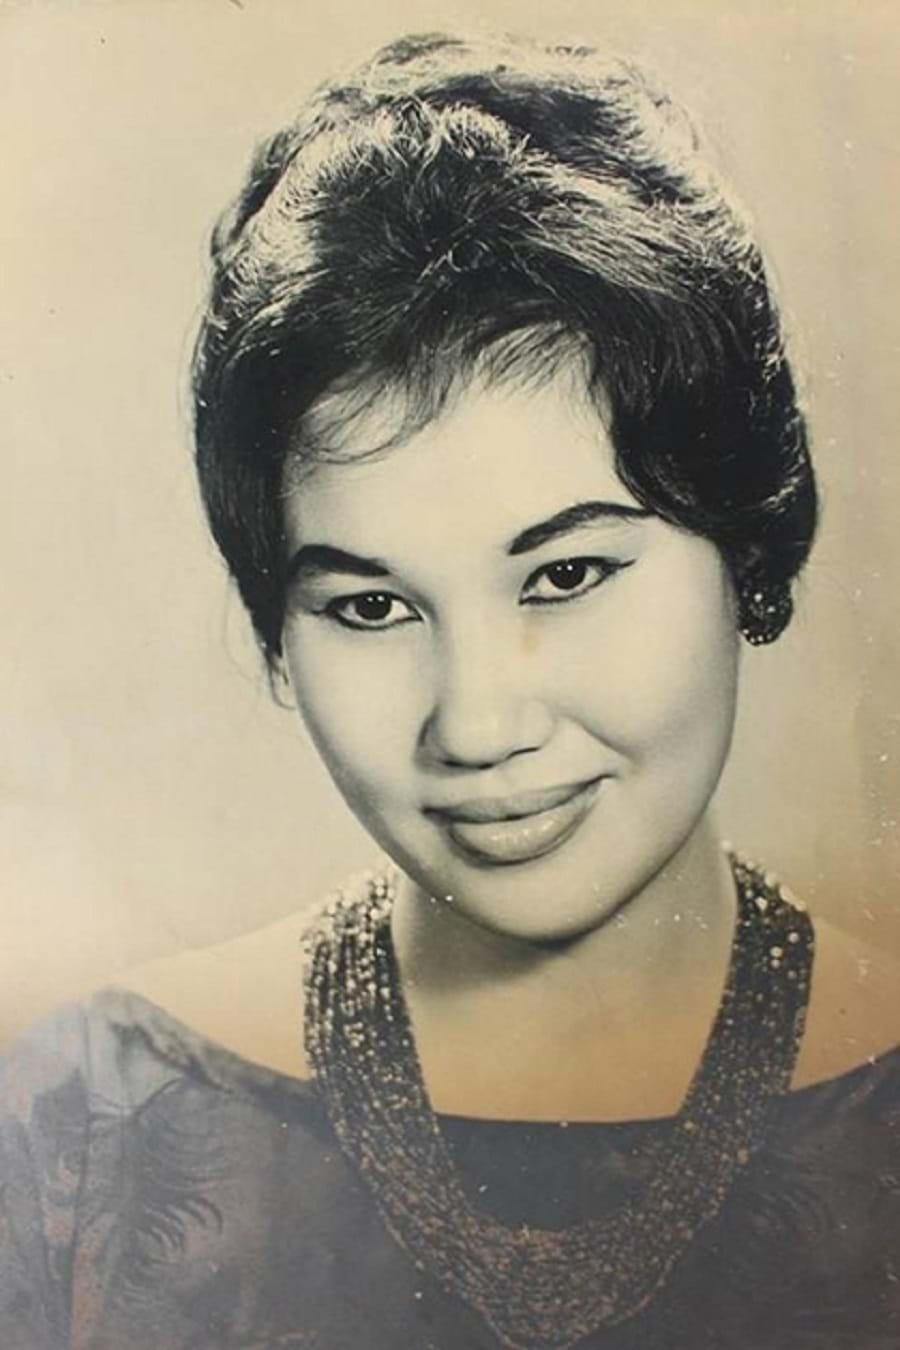 Giọng hát vượt thời gian Thái Thanh qua đời ở Mỹ, hưởng thọ 86 tuổi - Ảnh 2